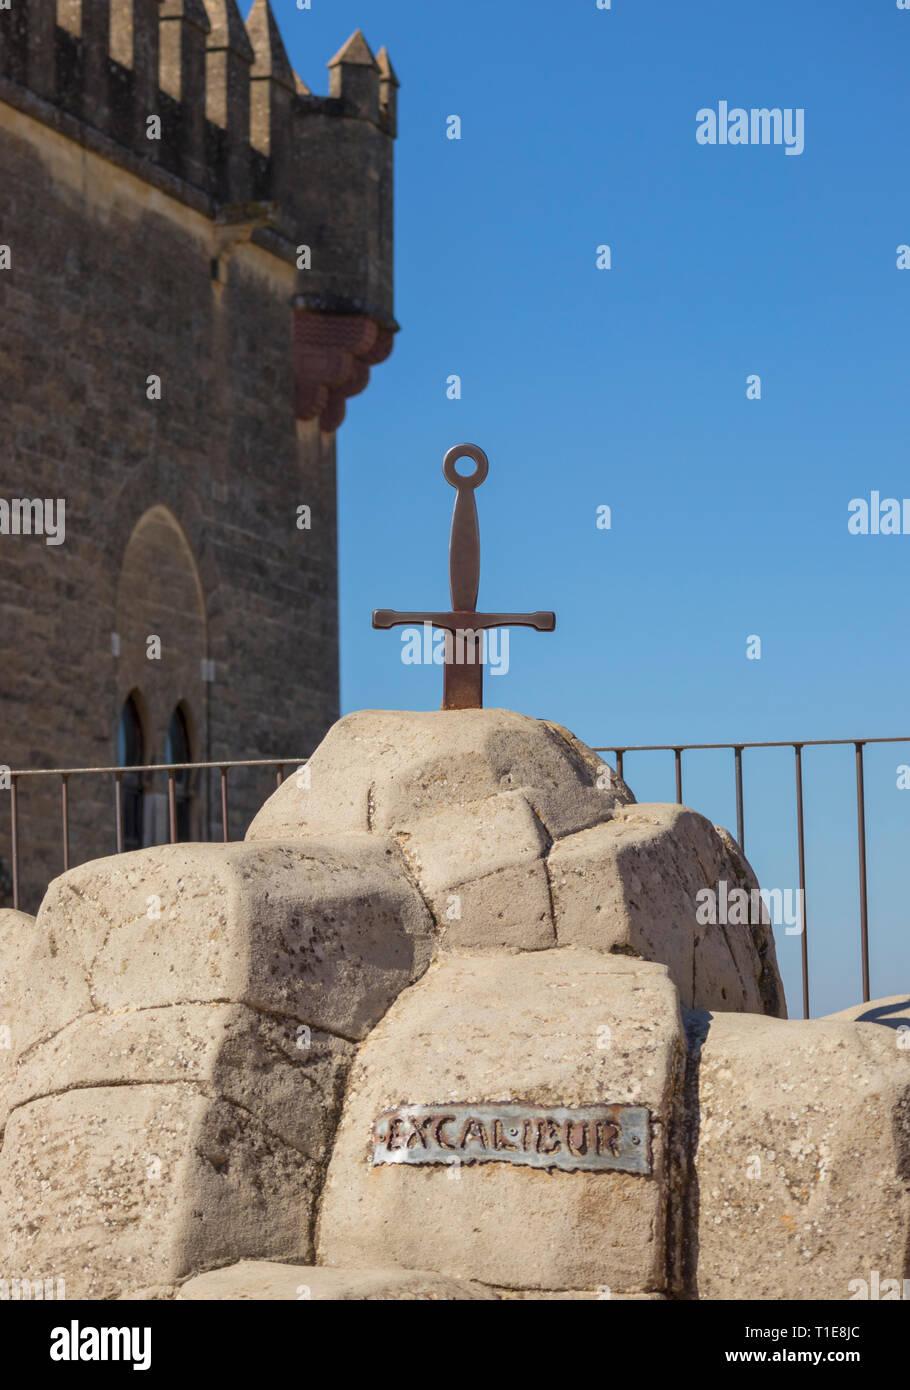 Excalibur. Une reconstitution de l'épée dans la pierre de la légende arthurienne. Sur l'affichage en Château Almodovar, Almodovar del Rio, Province de Cordoba, Spa Photo Stock